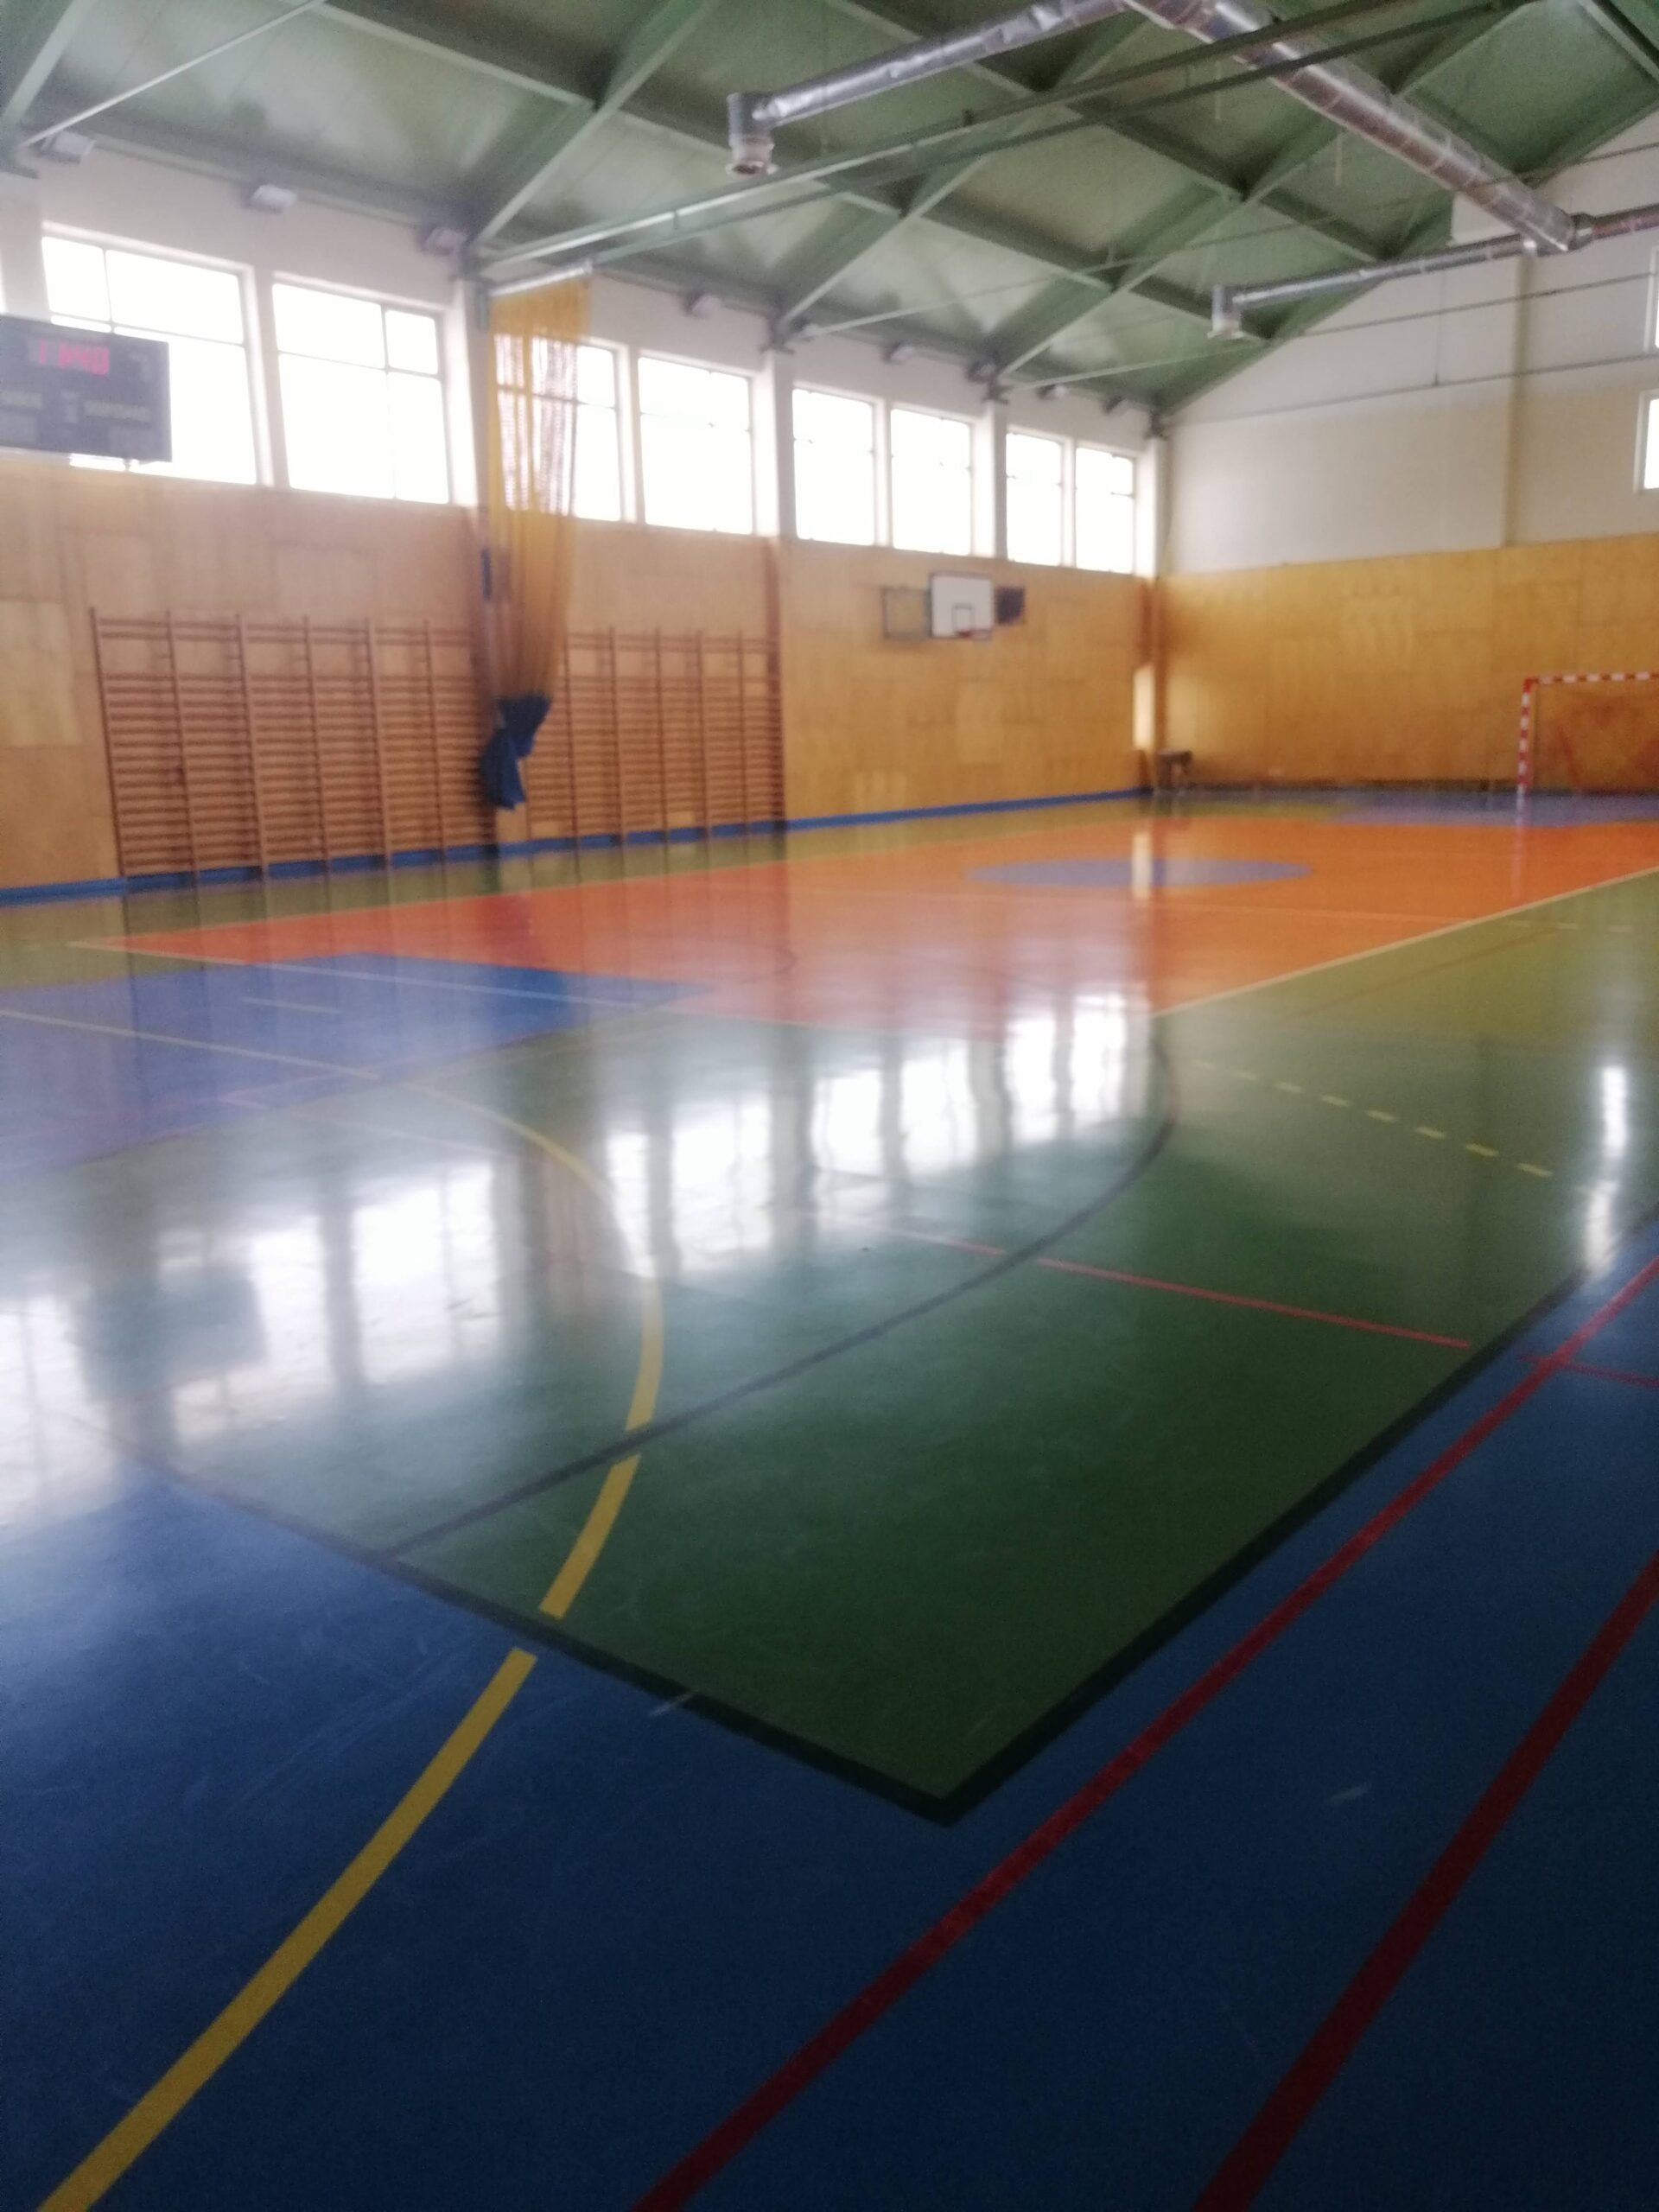 duża sala gimnastyczna z niebiesko-zielono-czerwoną posadzką